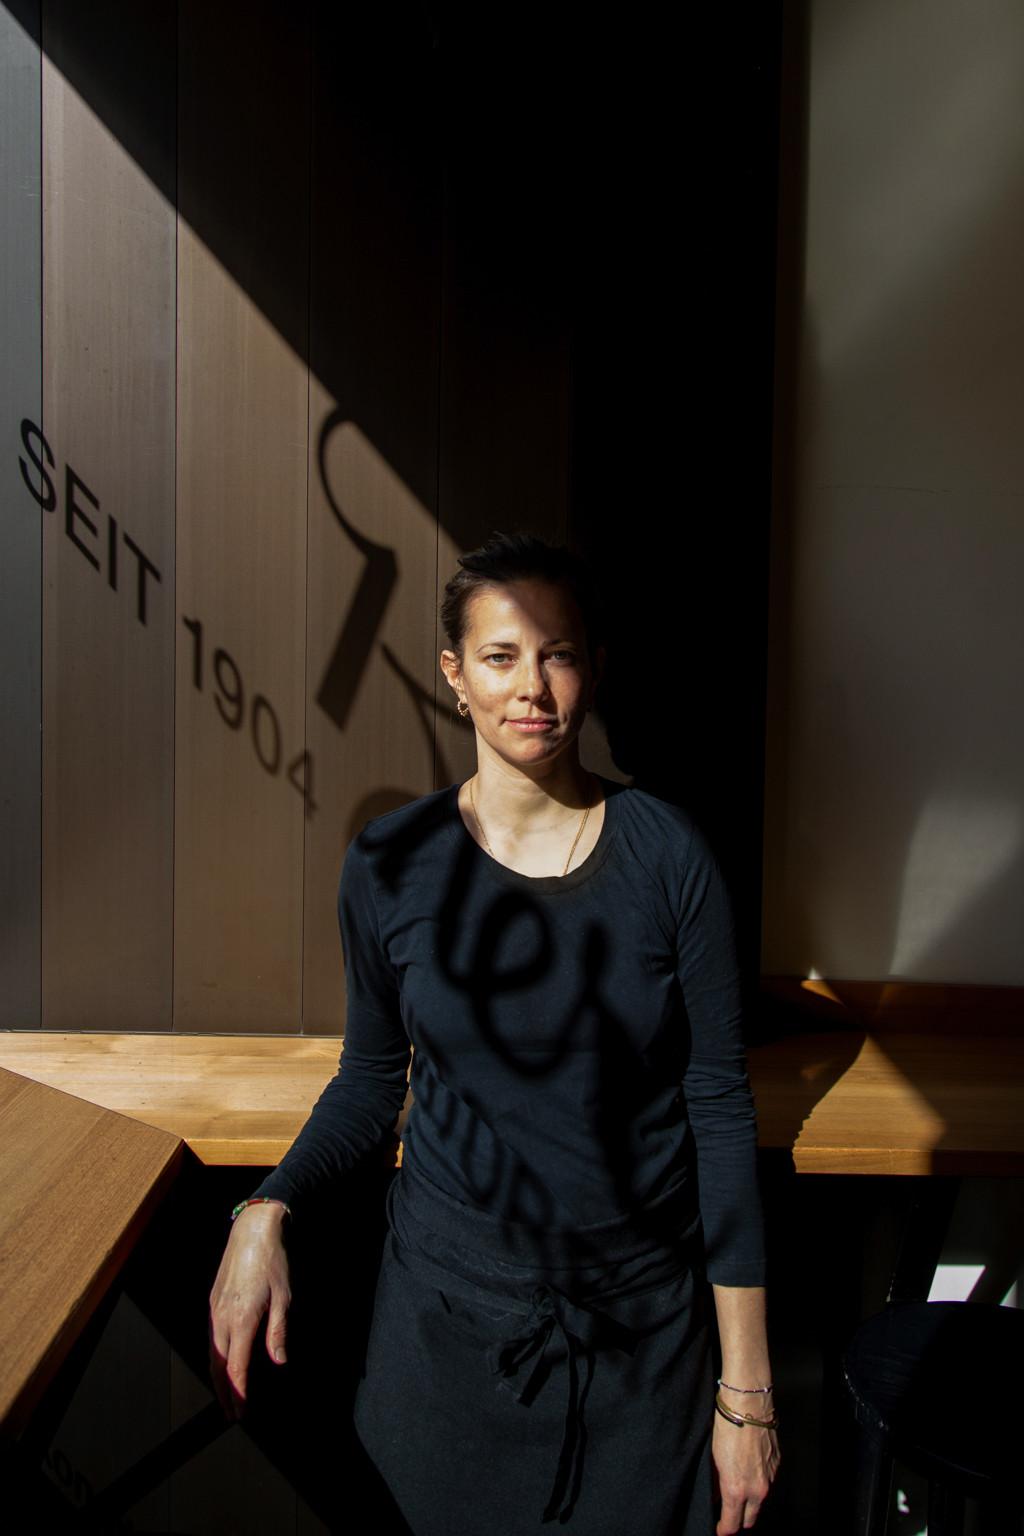 Angela Berner